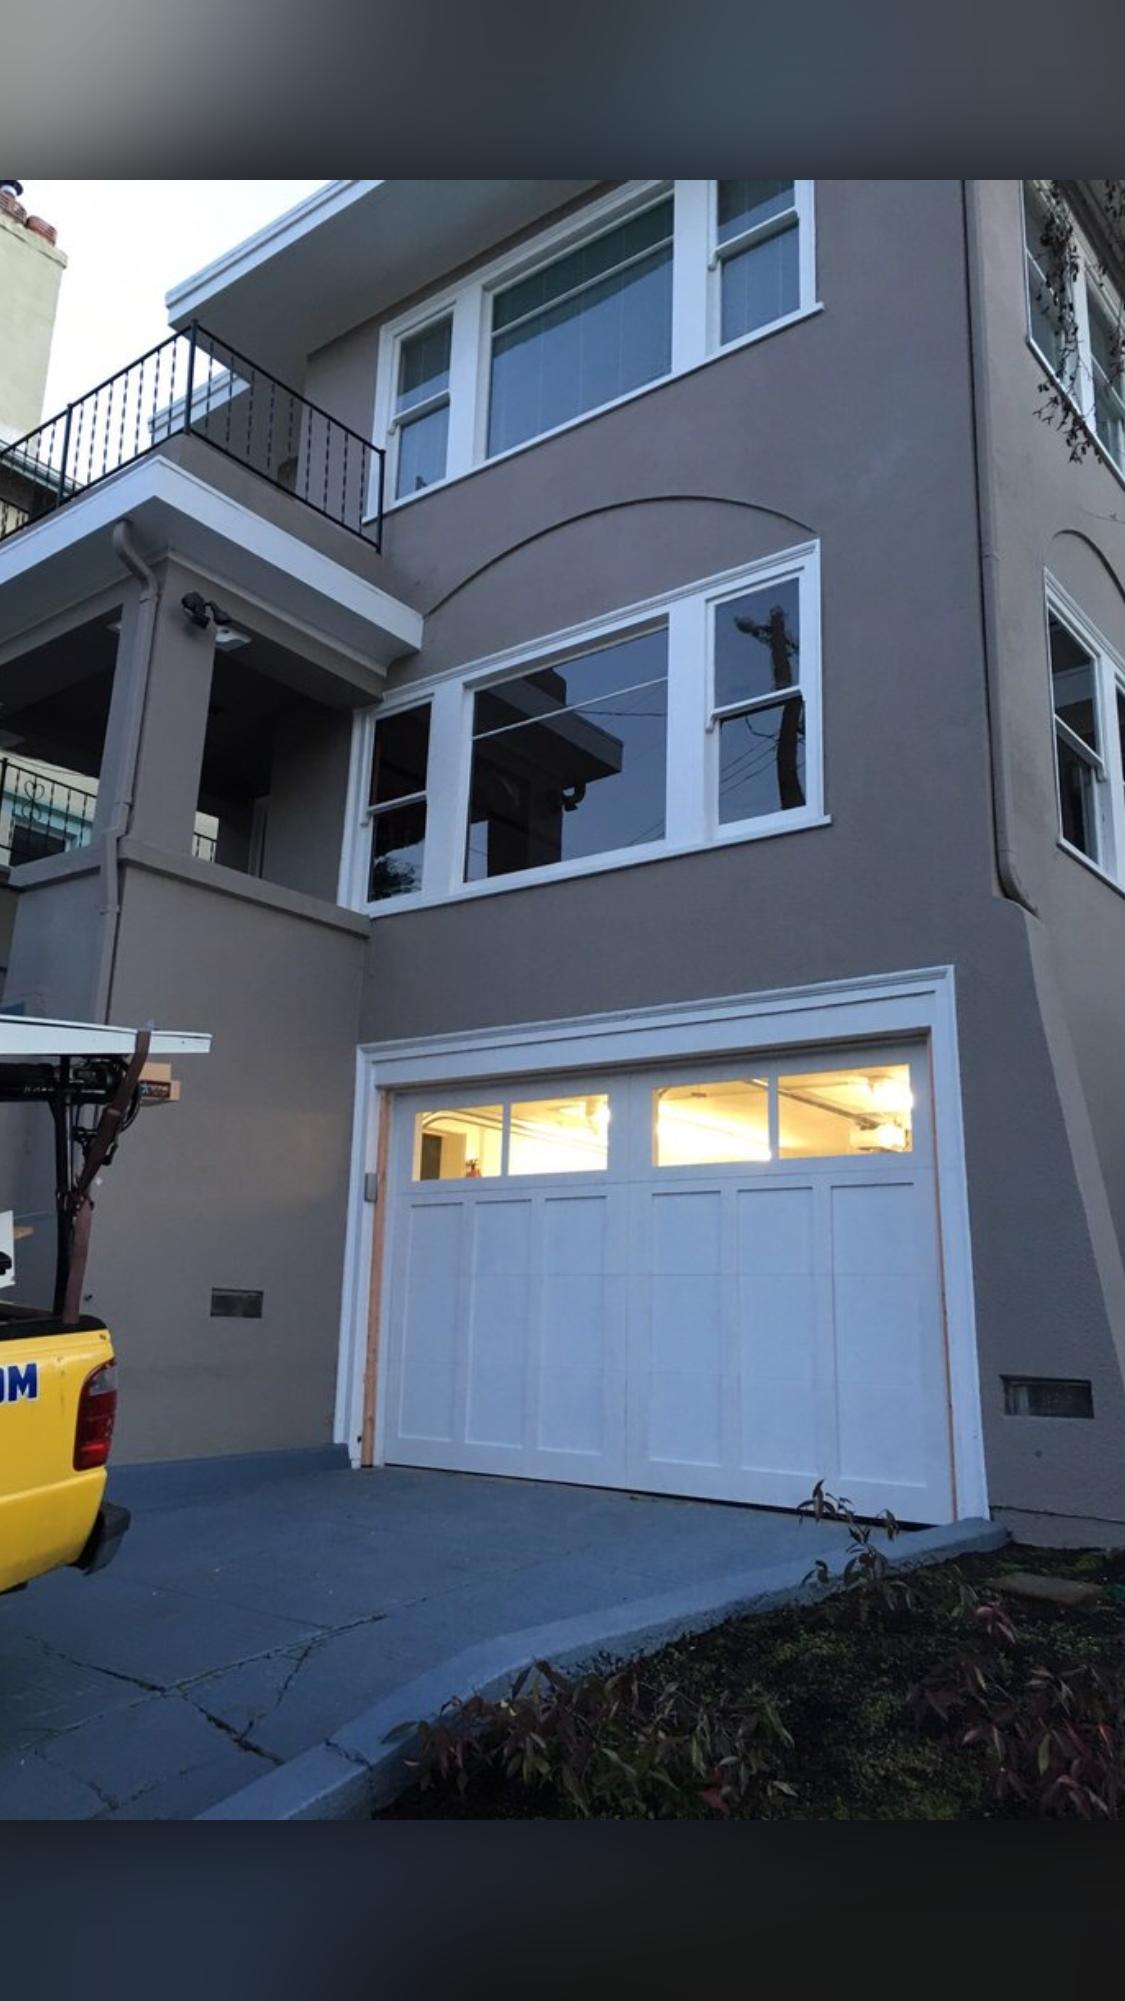 all bay garage doors - carriage house garage door - kevin chervatin - 26.PNG